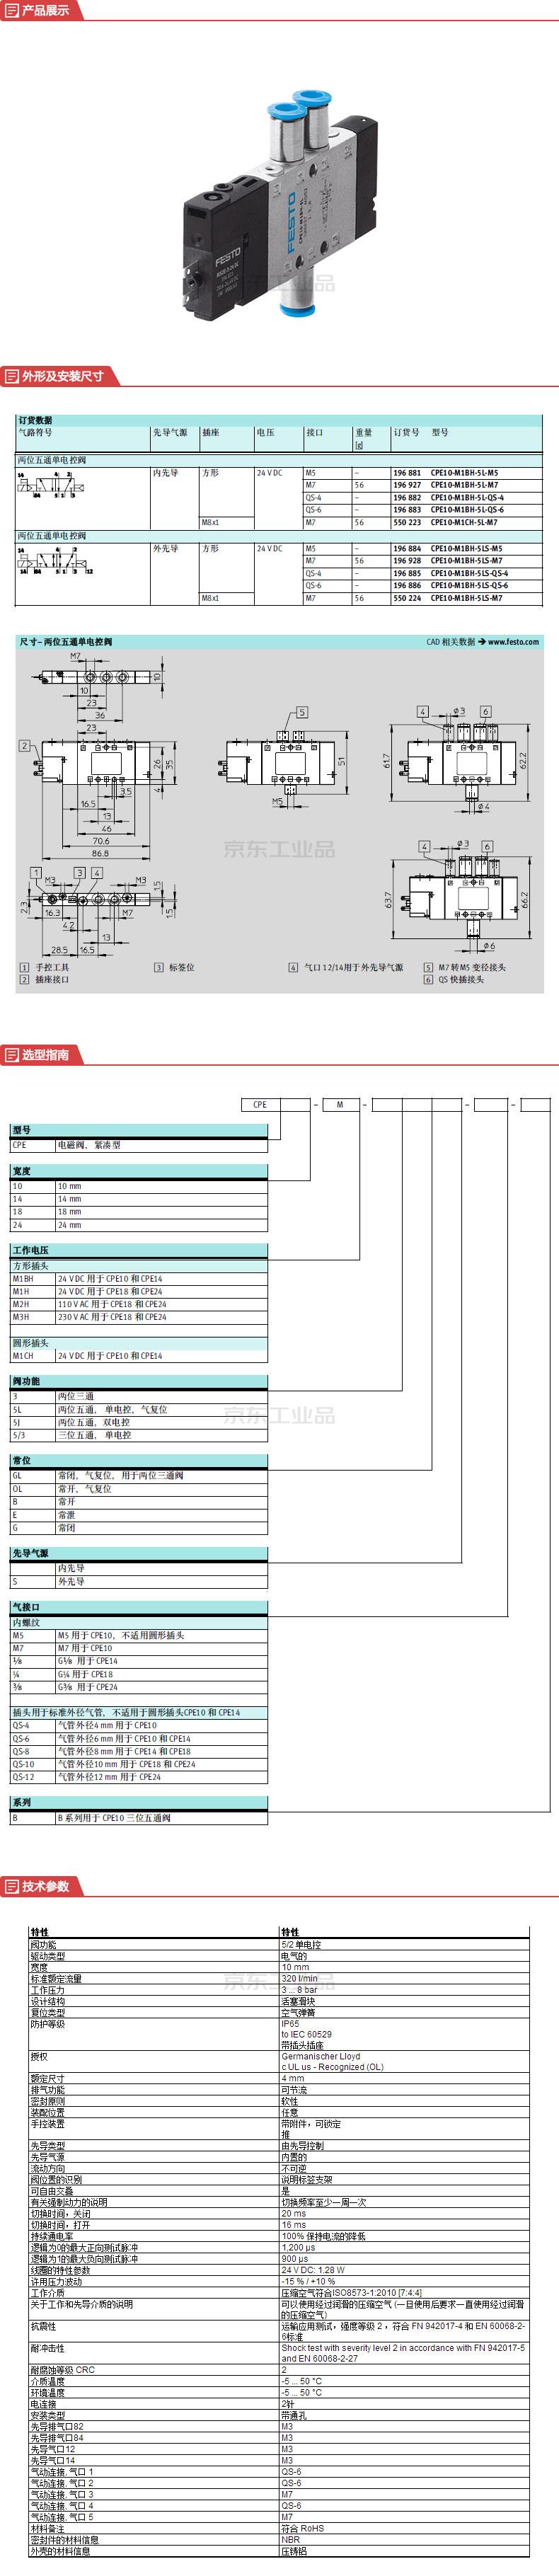 费斯托(FESTO) 通用型方向控制阀,电磁阀;CPE10-M1BH-5L-QS-6